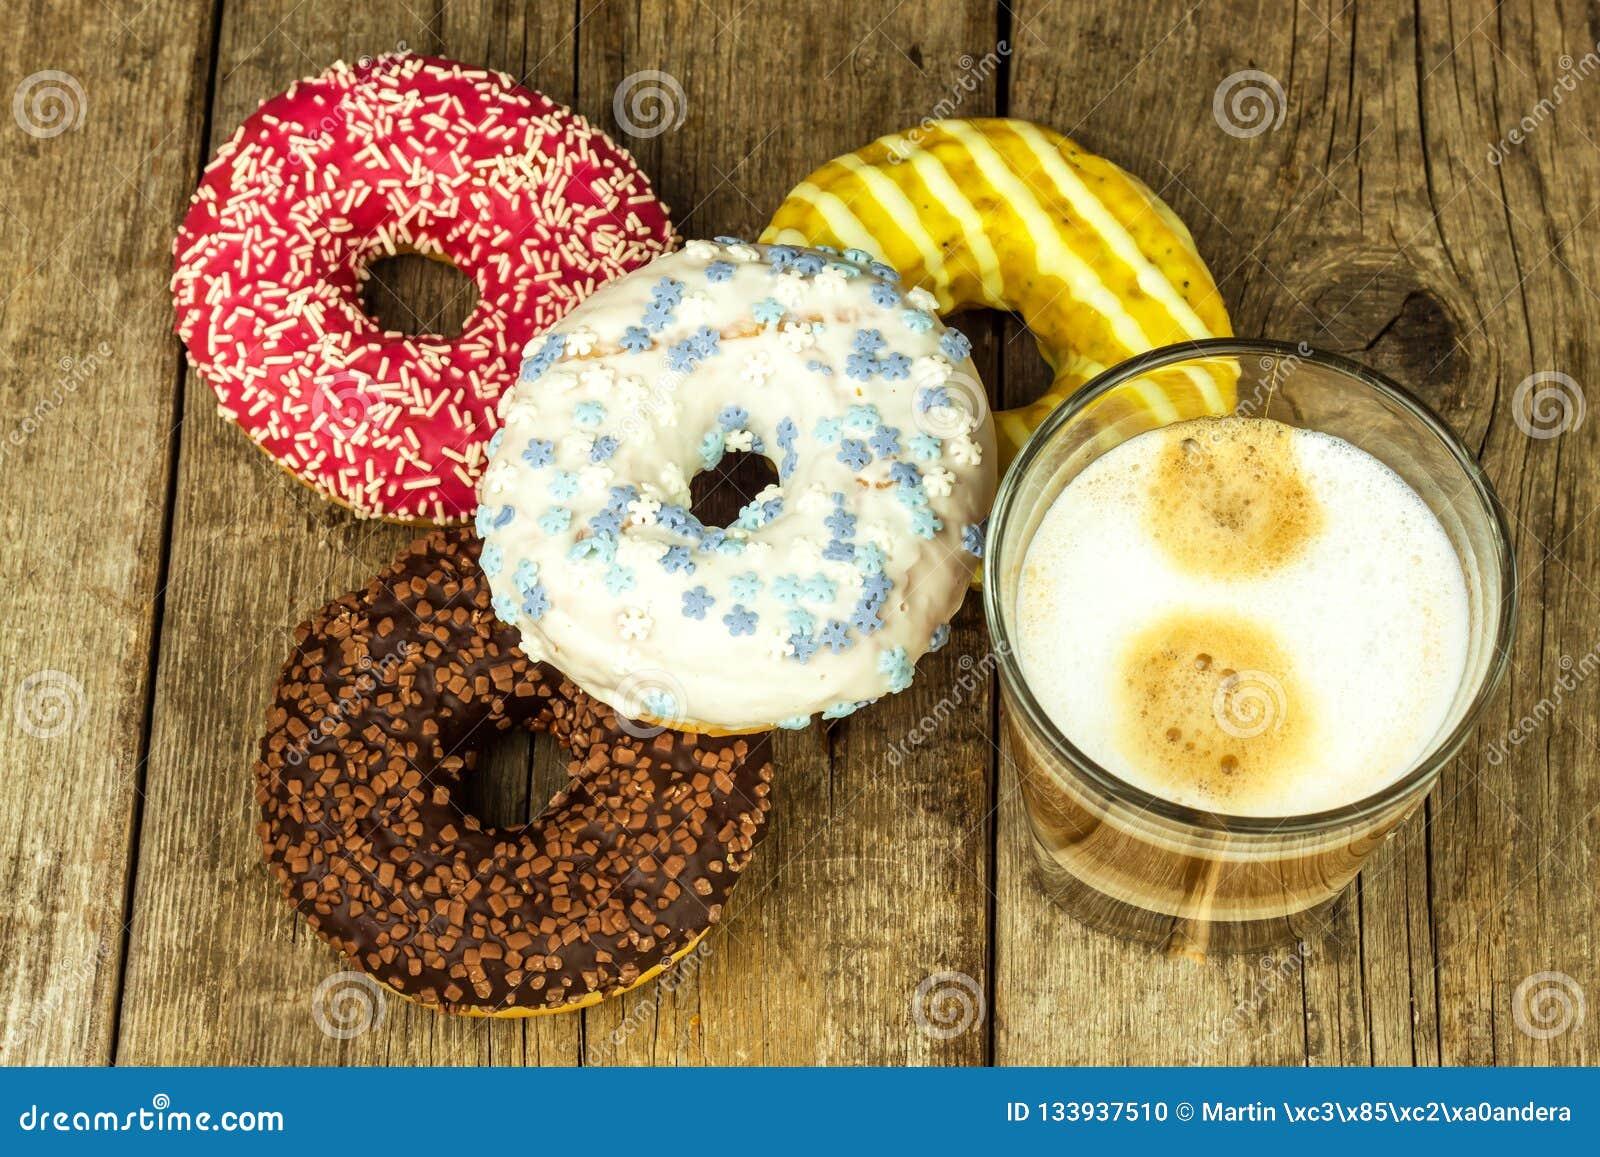 Comida malsana Anillos de espuma en una tabla de madera Café al postre Peligros de la obesidad y de la diabetes Ventas de dulces